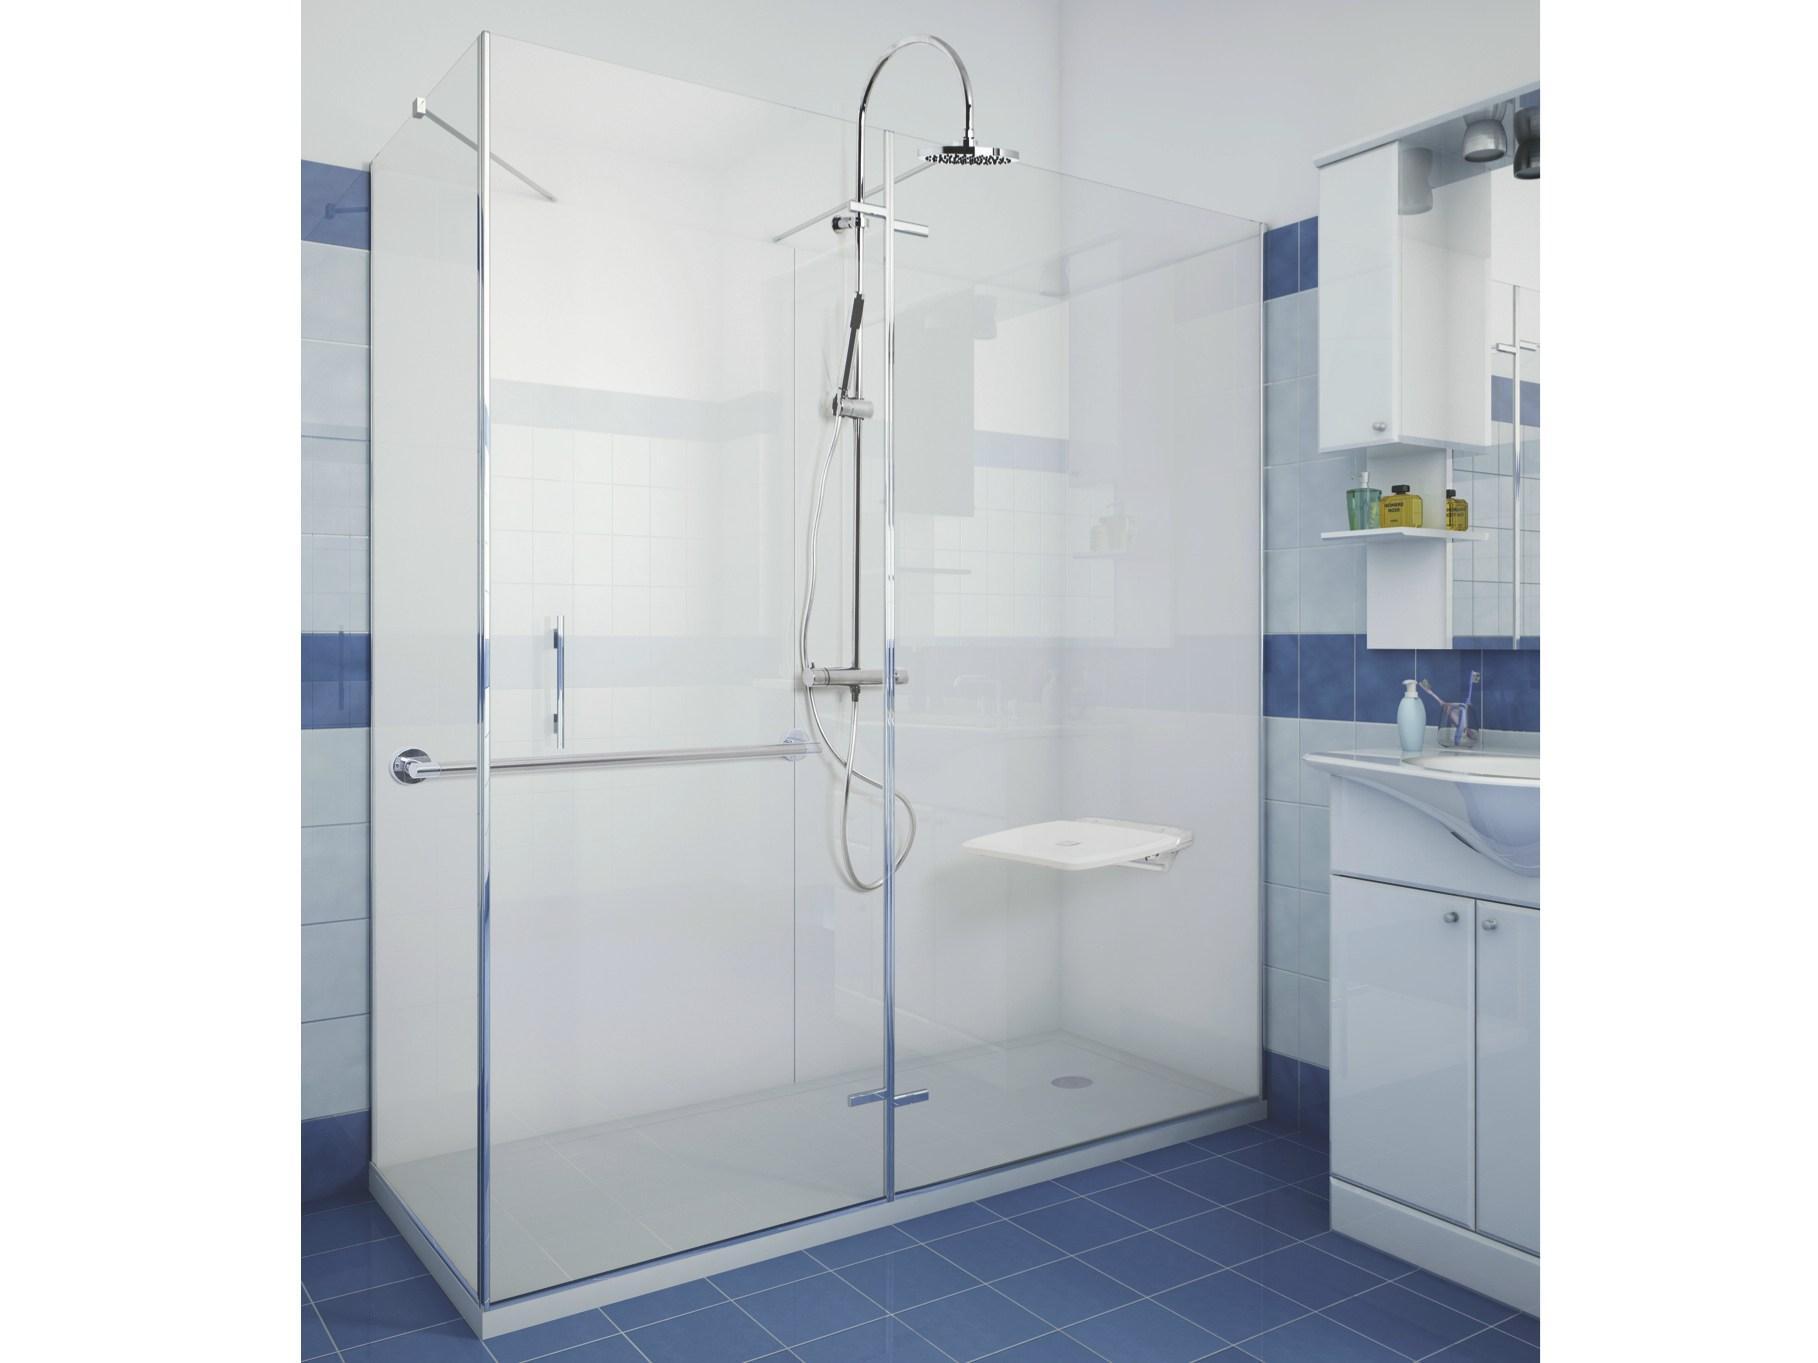 Vasca Da Bagno Per Anziani Misure : Docce per anziani e disabili sostituzione vasca in doccia